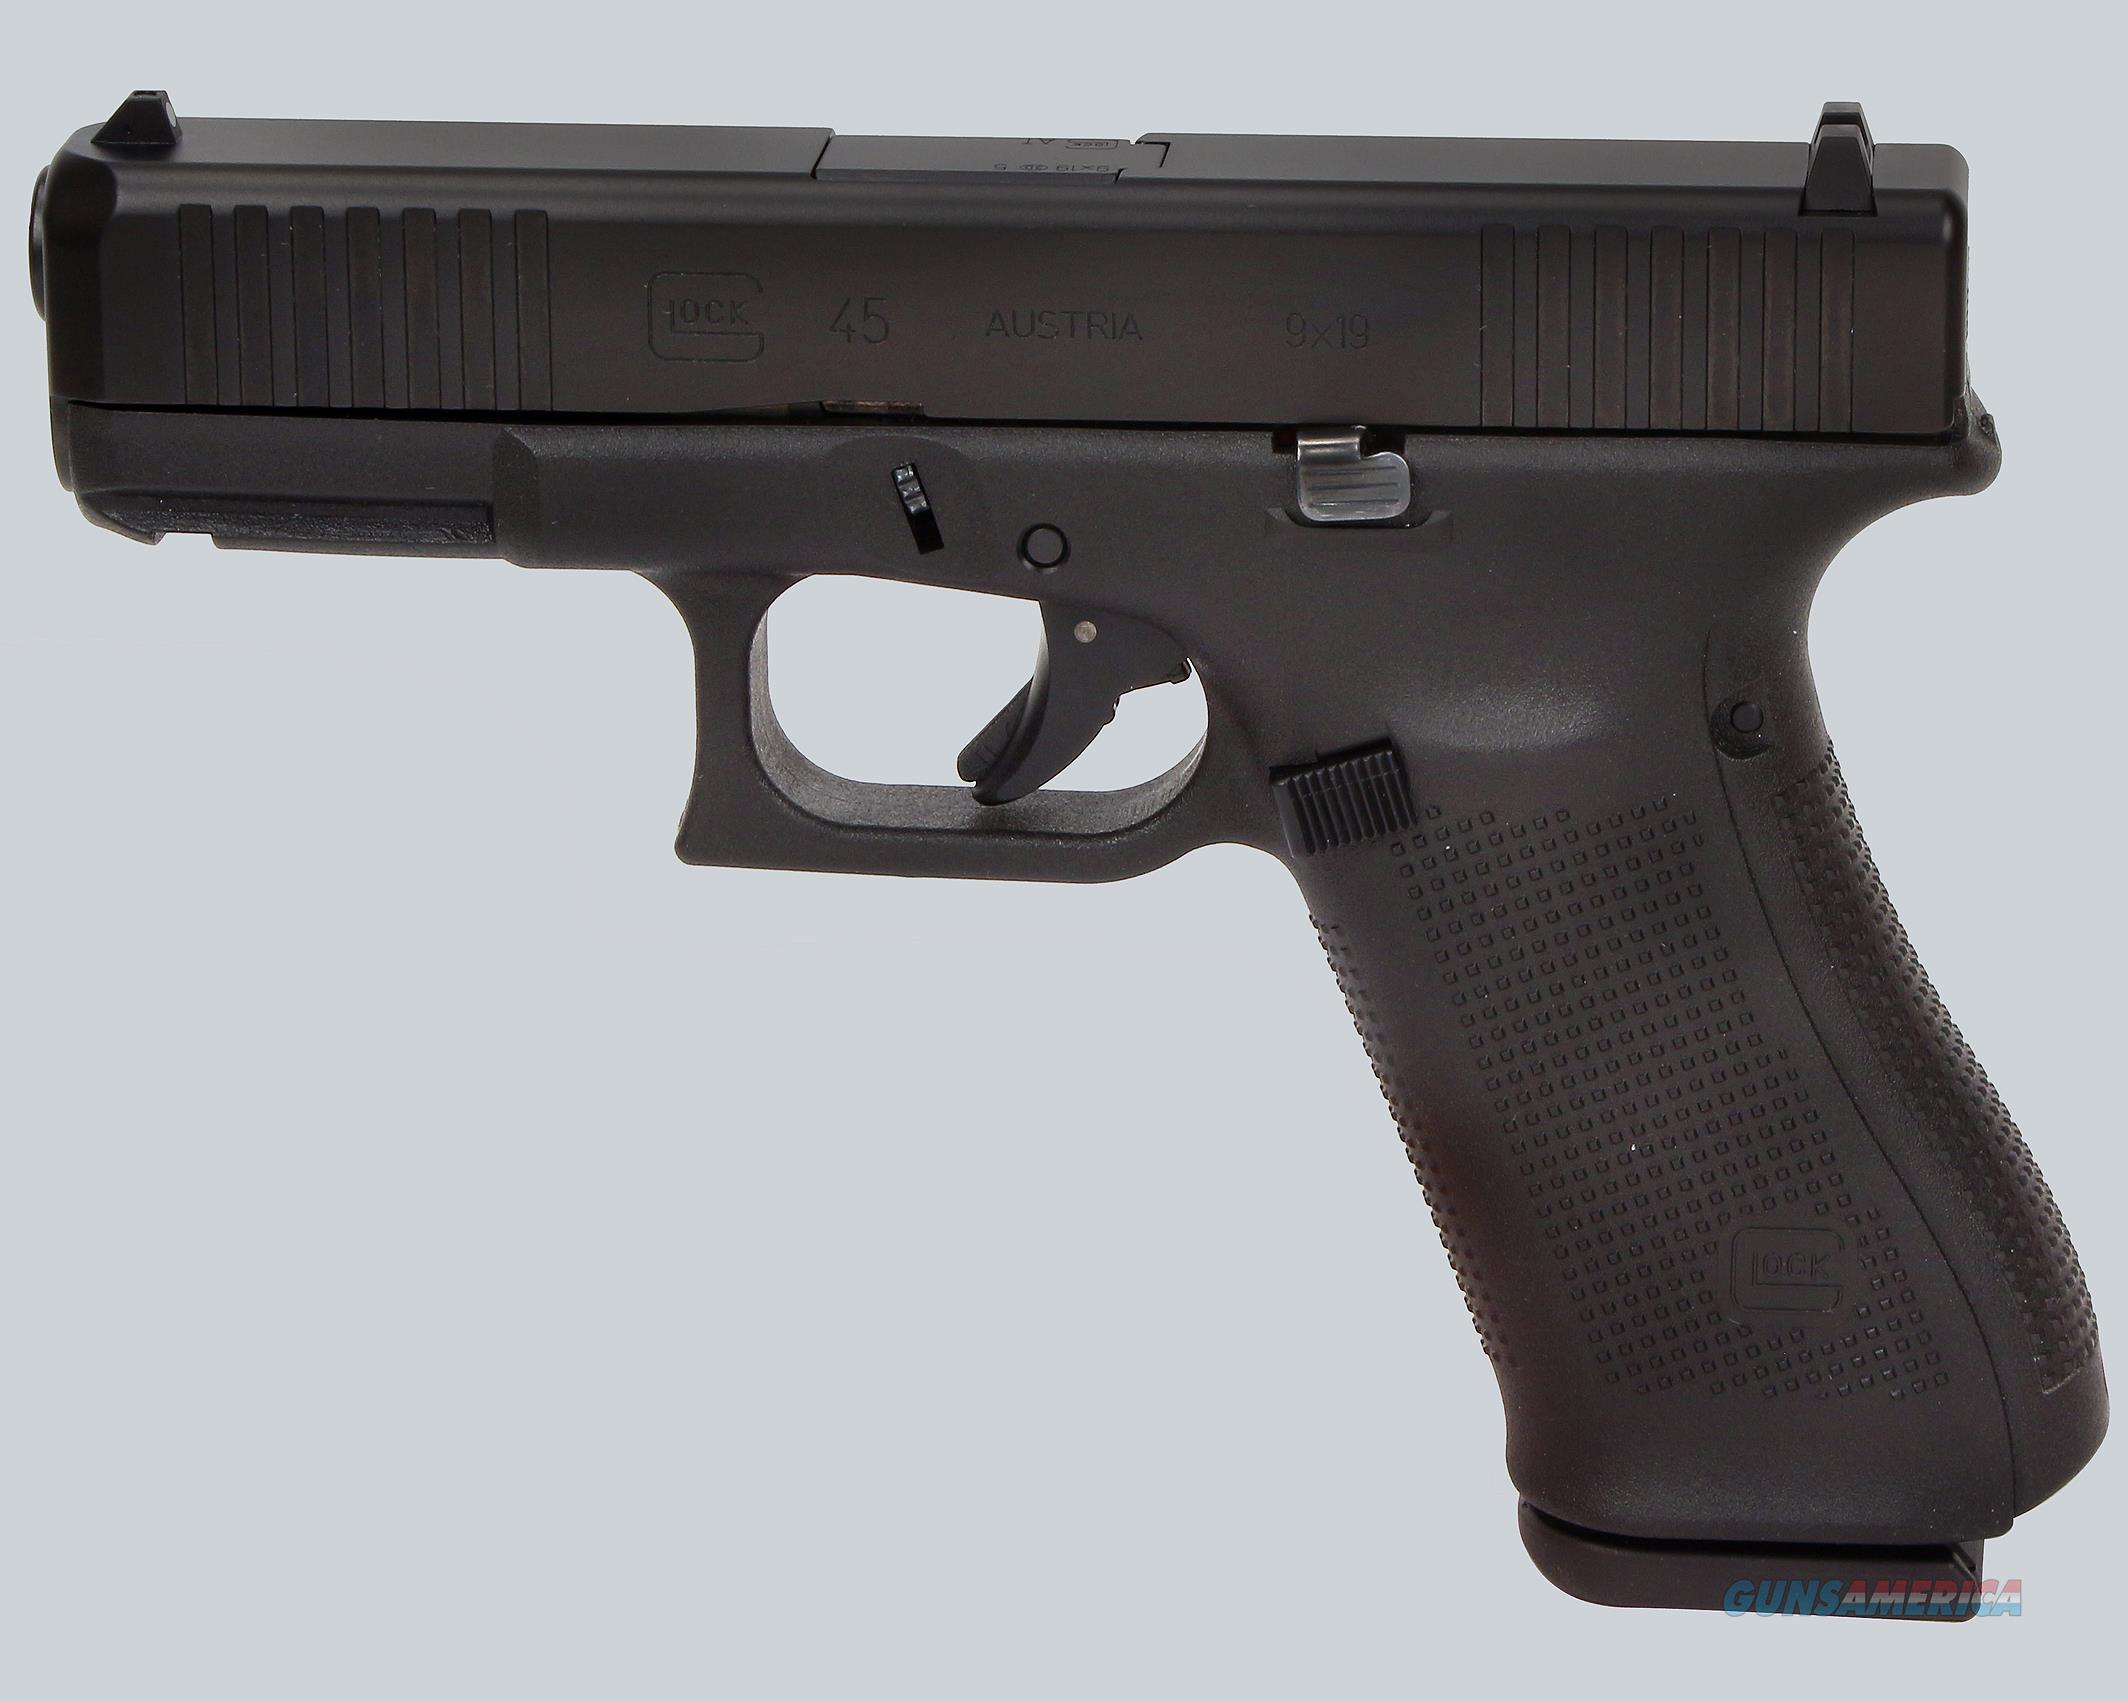 Glock 9mm Model 45 Gen 5 Pistol  Guns > Pistols > Glock Pistols > 45